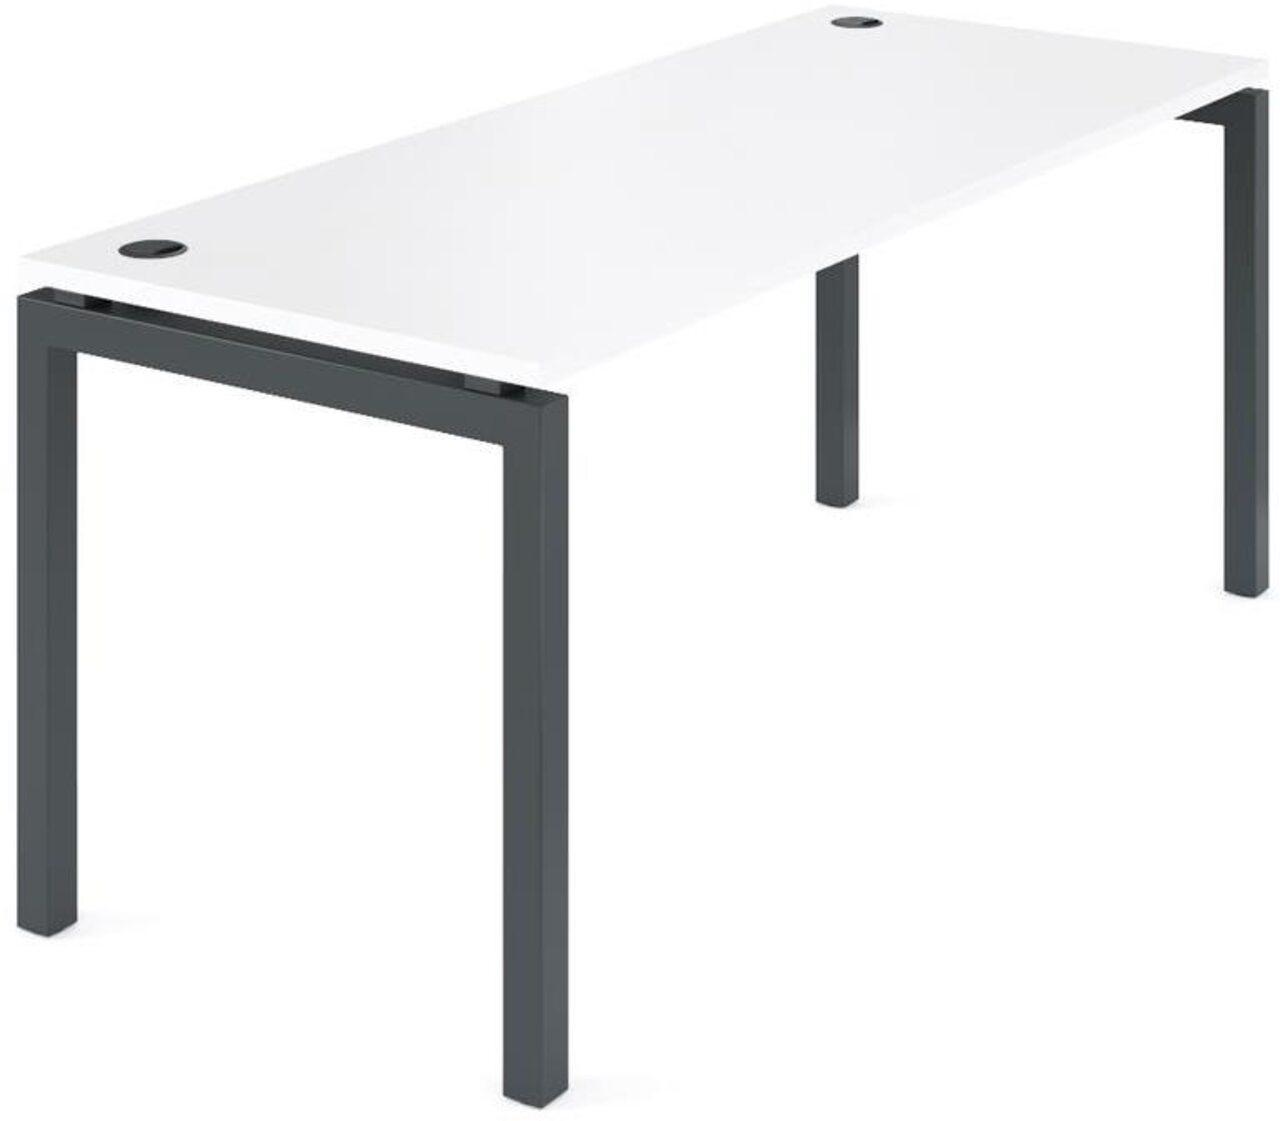 Стол рабочий на металлокаркасе  Арго 180x73x76 - фото 1